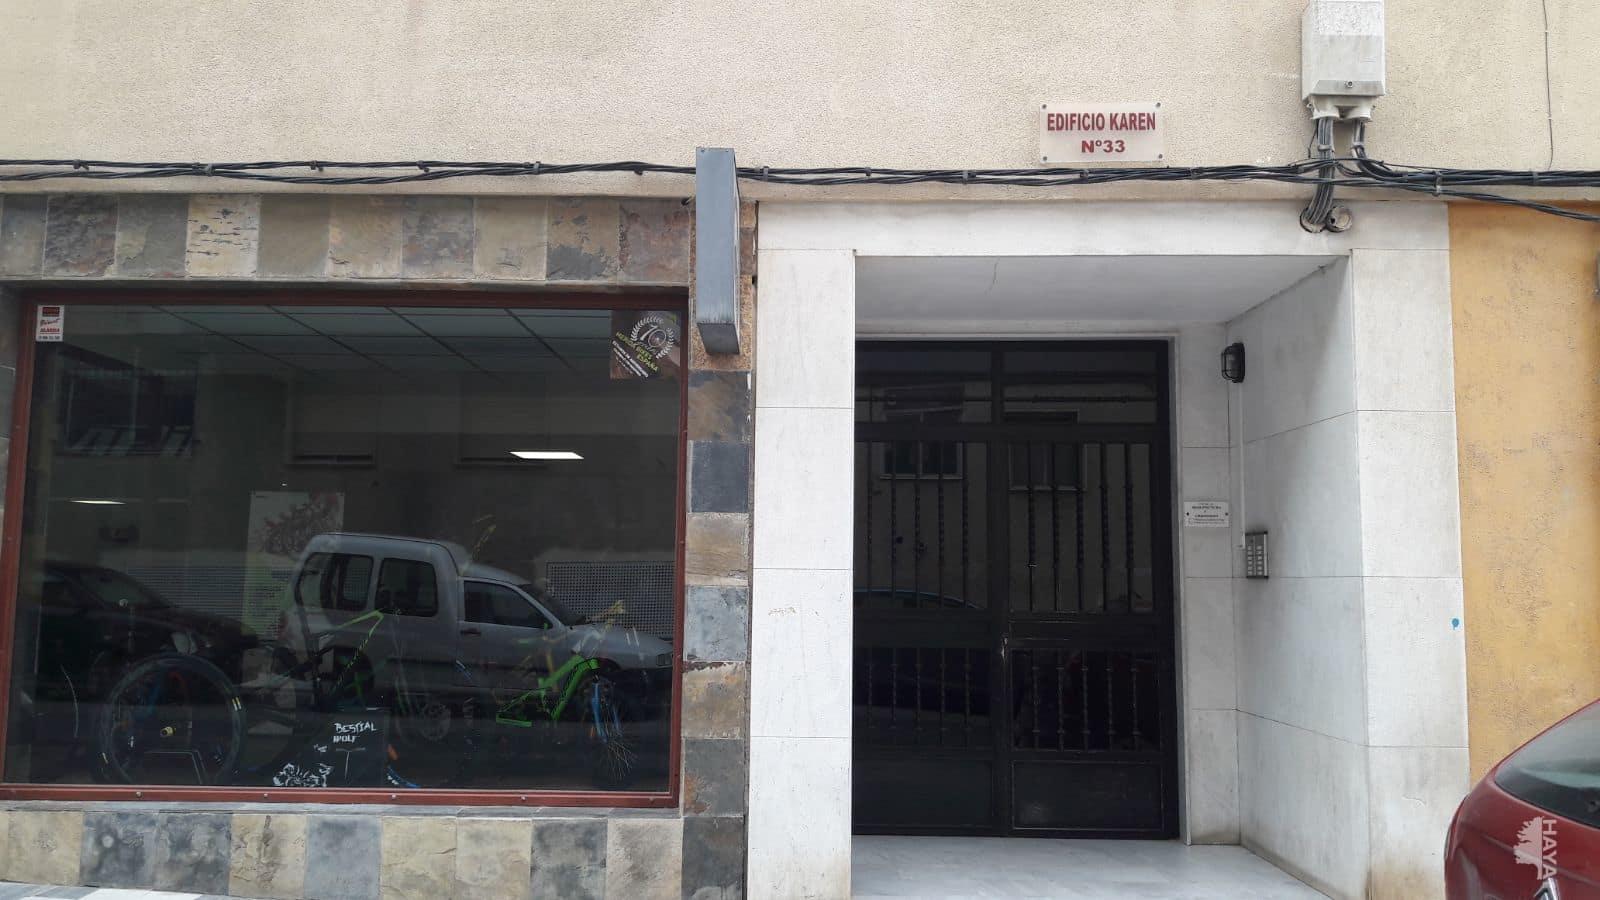 Piso en venta en Almería, Almería, Calle Huertos, 87.400 €, 3 habitaciones, 1 baño, 116 m2